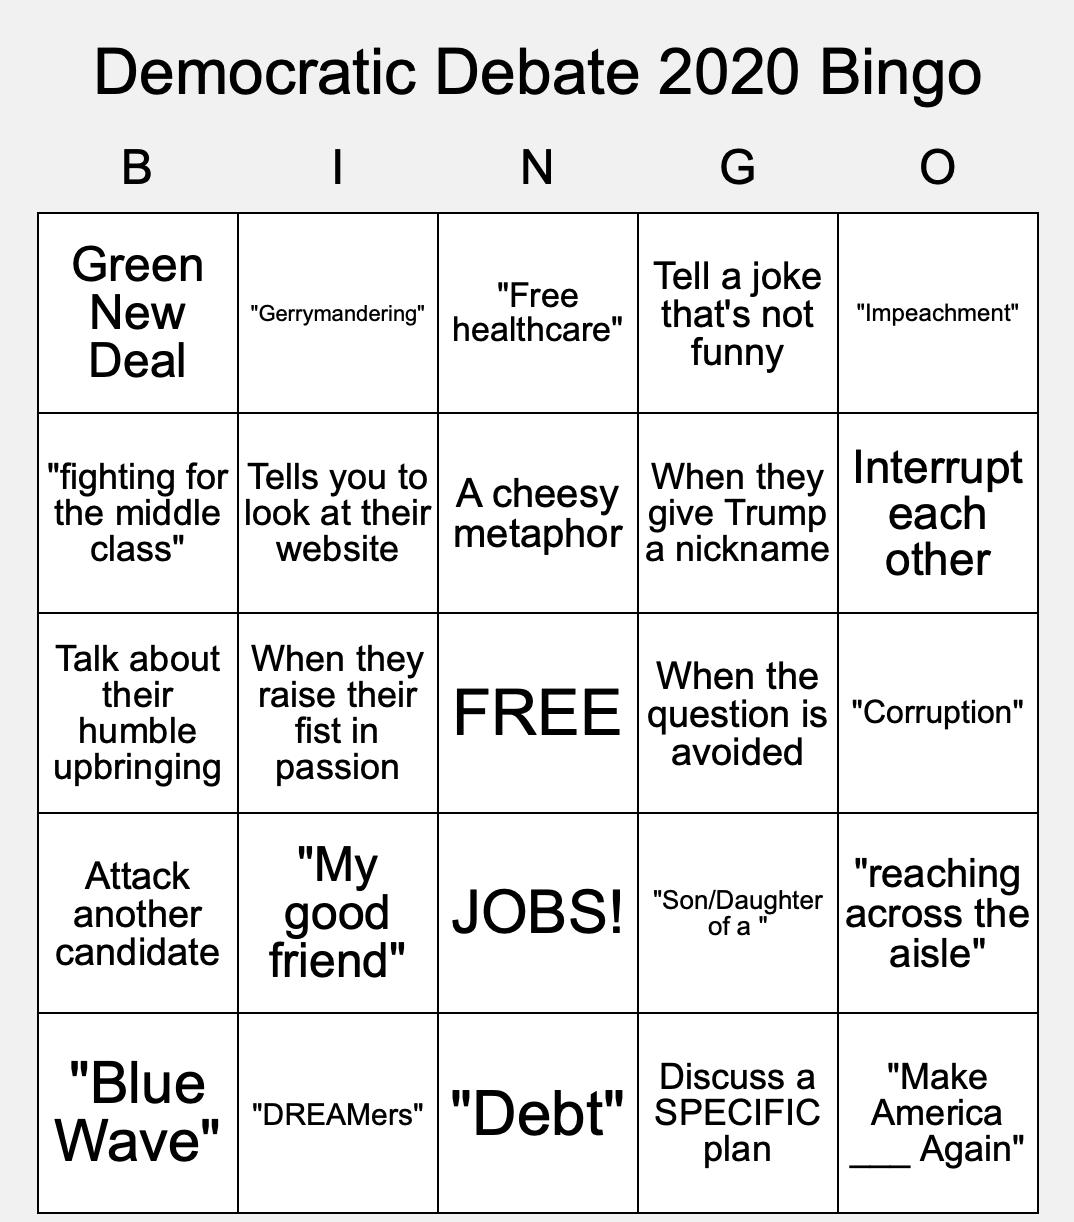 Democratic_Debate_Bingo.png